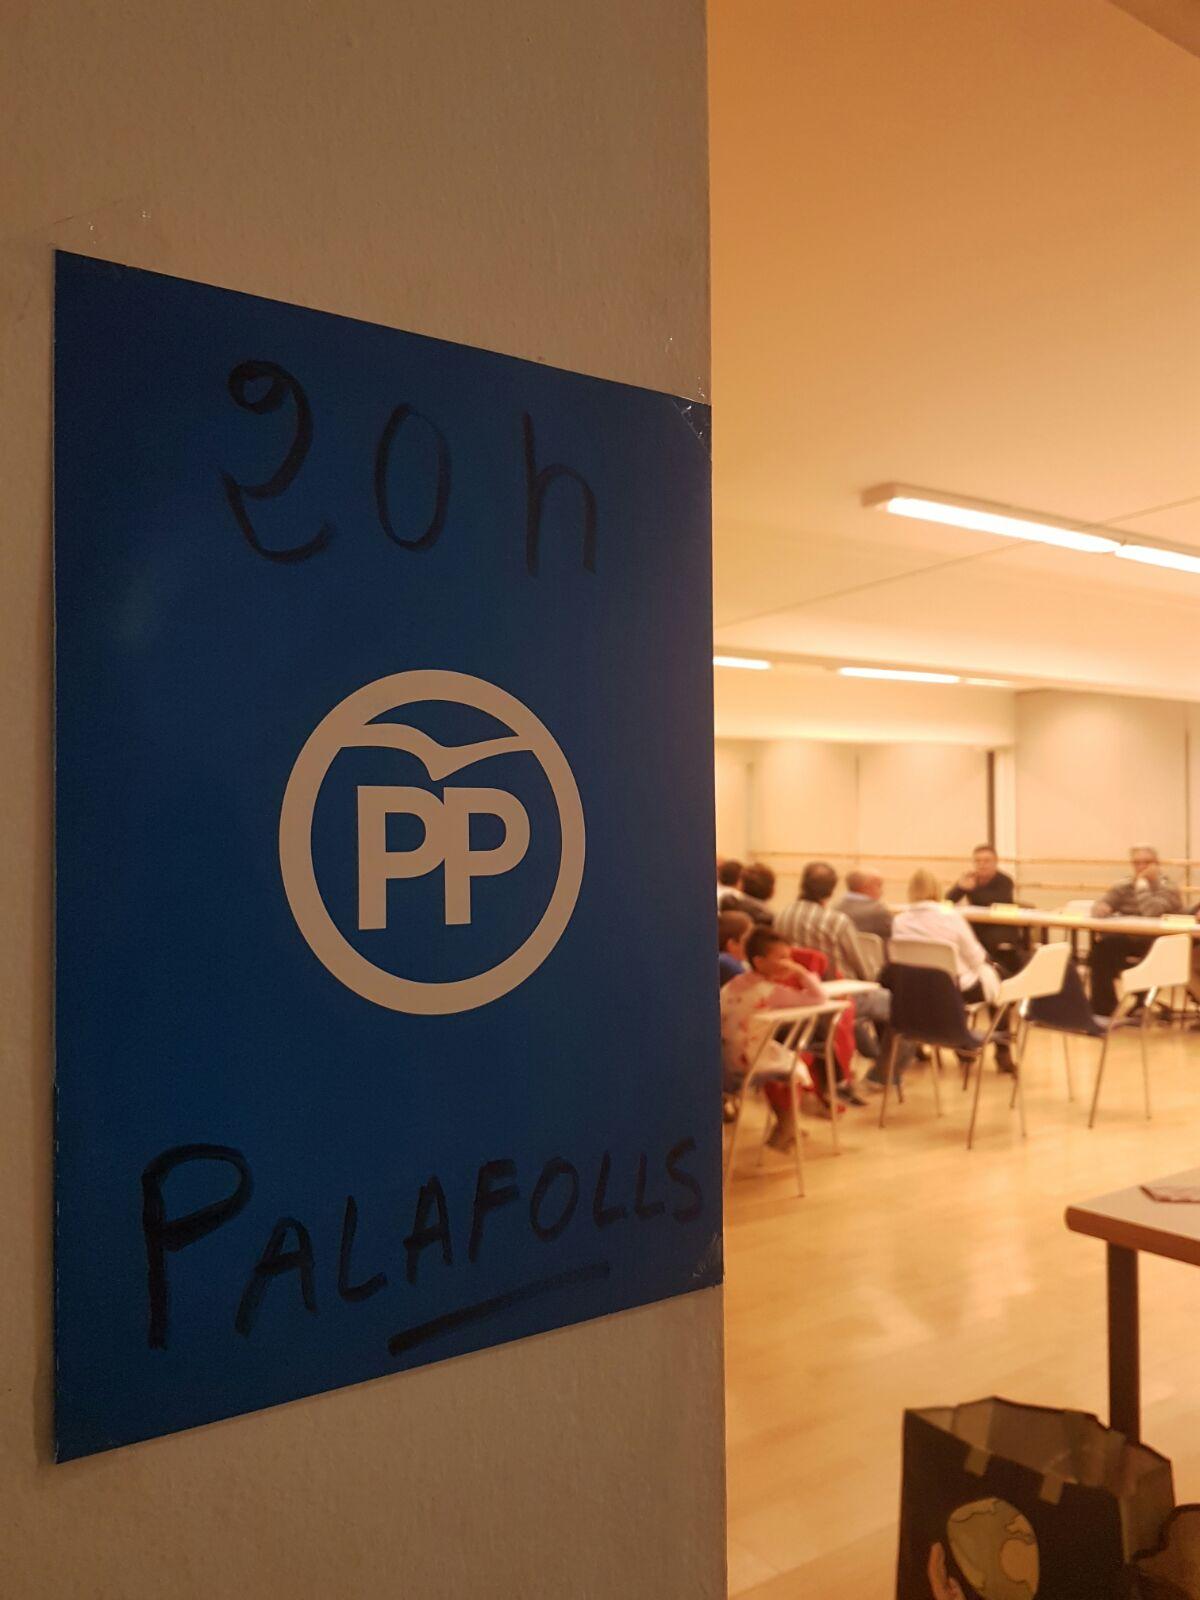 Palafolls (España), viernes 2 de diciembre de 2016. Asamblea de la militancia del PP en Palafolls. Óscar Bermán (segunda posición a la izquierda) explica a la militancia del PP los motivos y que acorde anunciar su baja del PP el próximo lunes 9 de enero de 2017. Lasvocesdelpueblo.